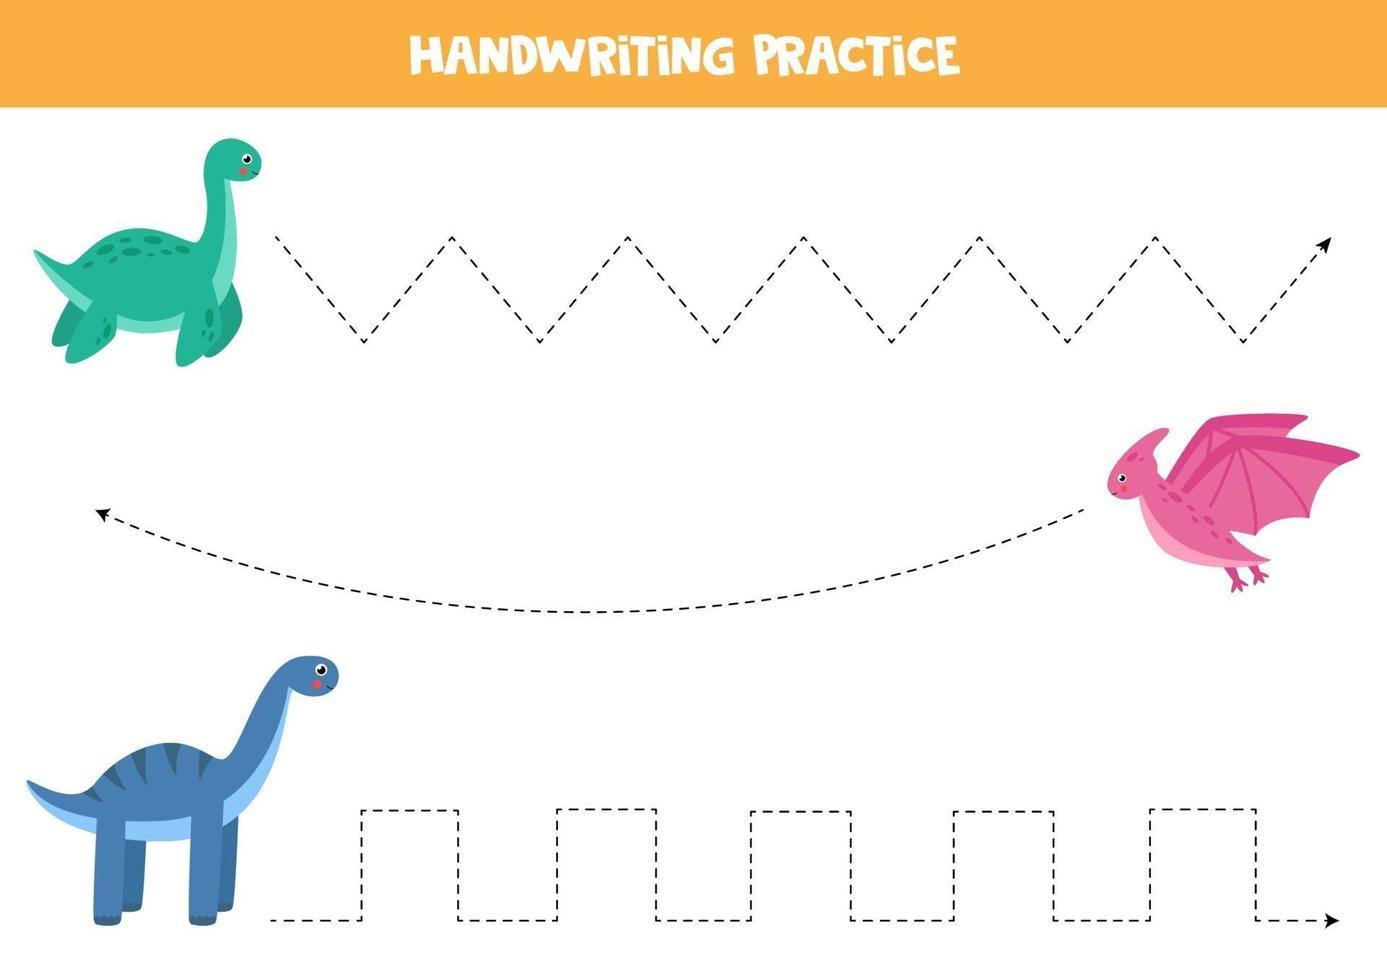 lijnen met cartoon dinosaurussen traceren. schrijfvaardigheid oefenen. vector